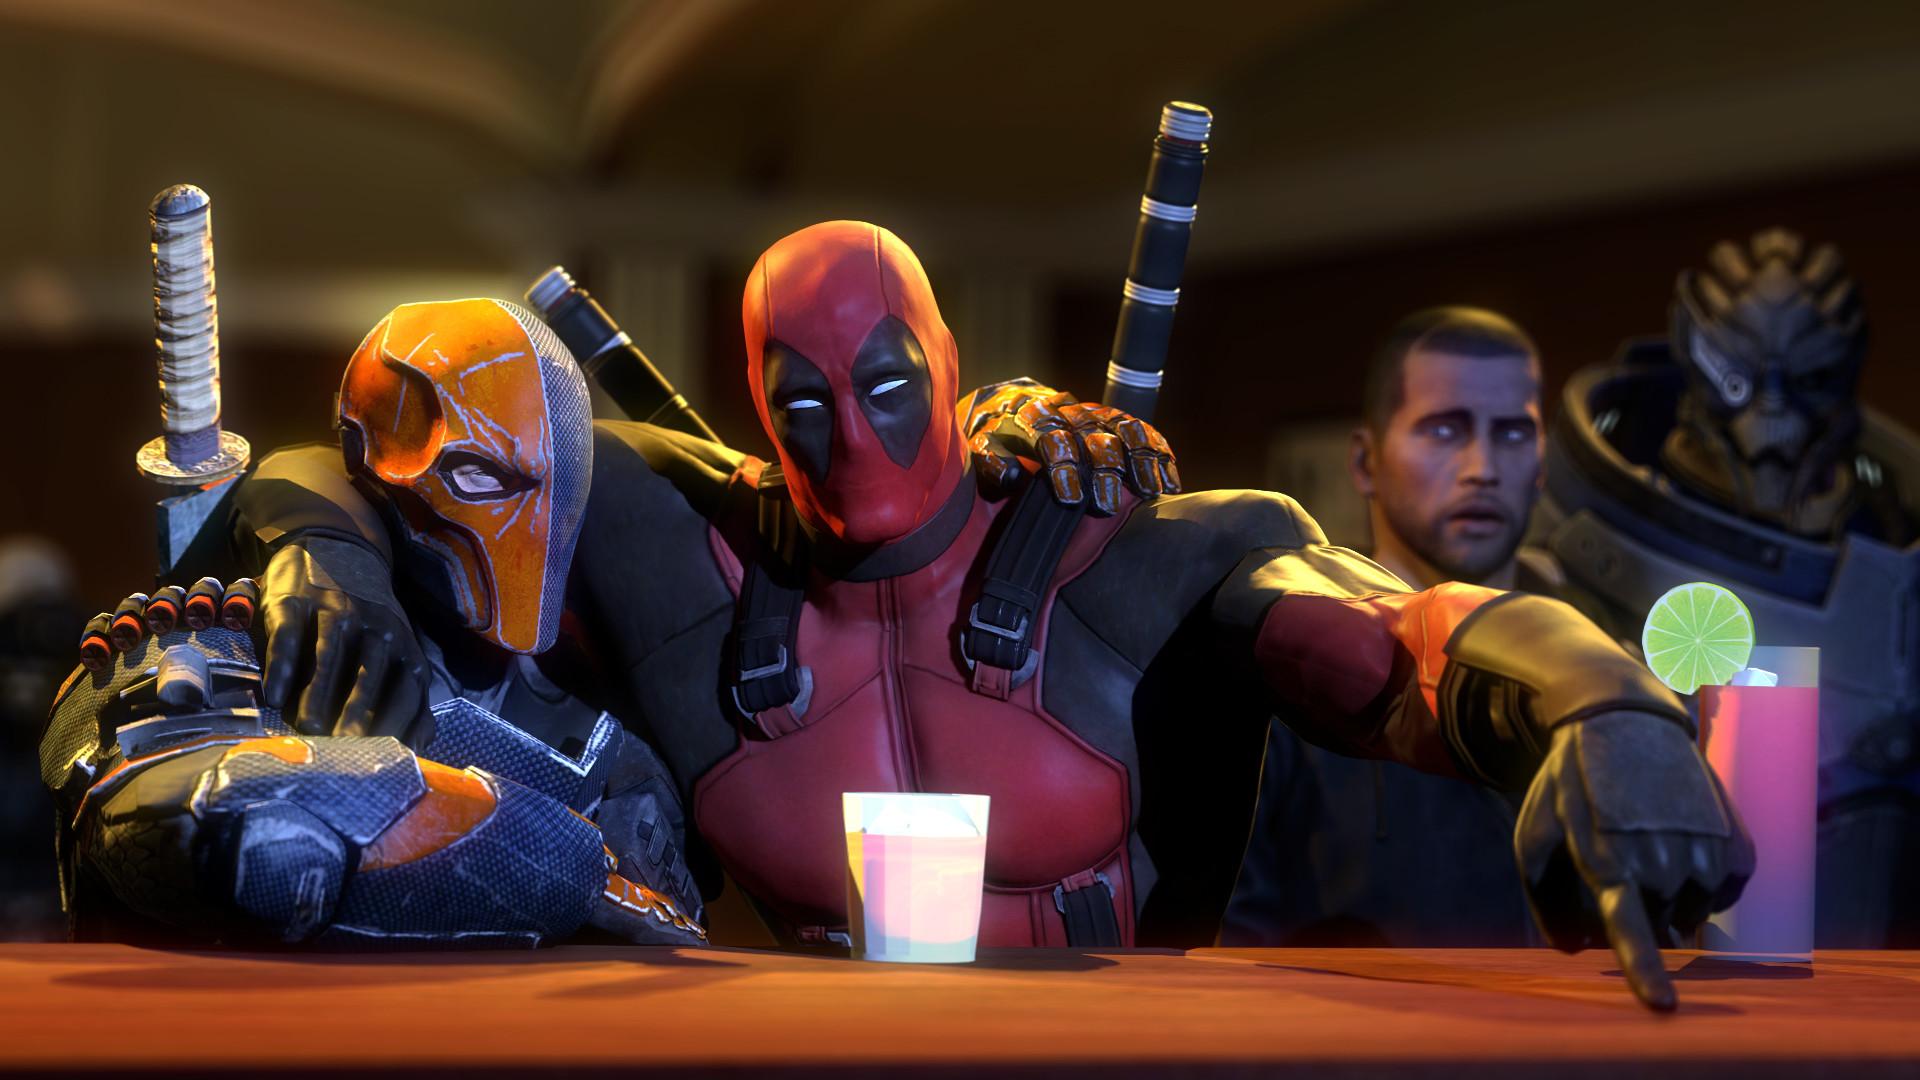 Deadpool, Mass Effect, John Shepard, Garrus Vakarian, Deathstroke, Video  Games,